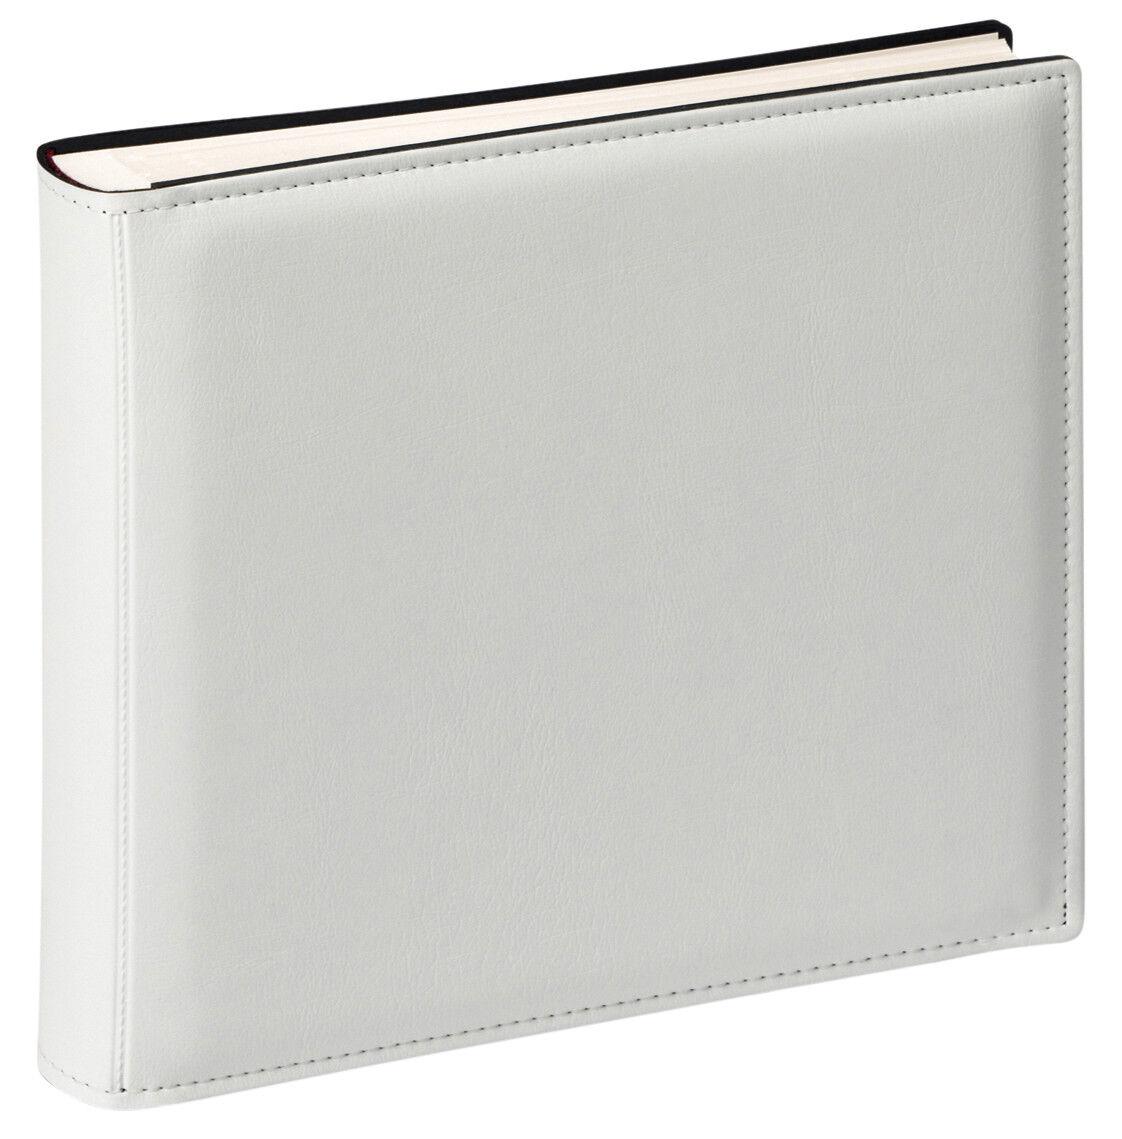 Walther Leder Fotoalbum 31x34 cm für 500 Fotos 10x15 Album Lederalbum 100 Seiten | Schnelle Lieferung  | Qualitätsprodukte  | Schöne Kunst